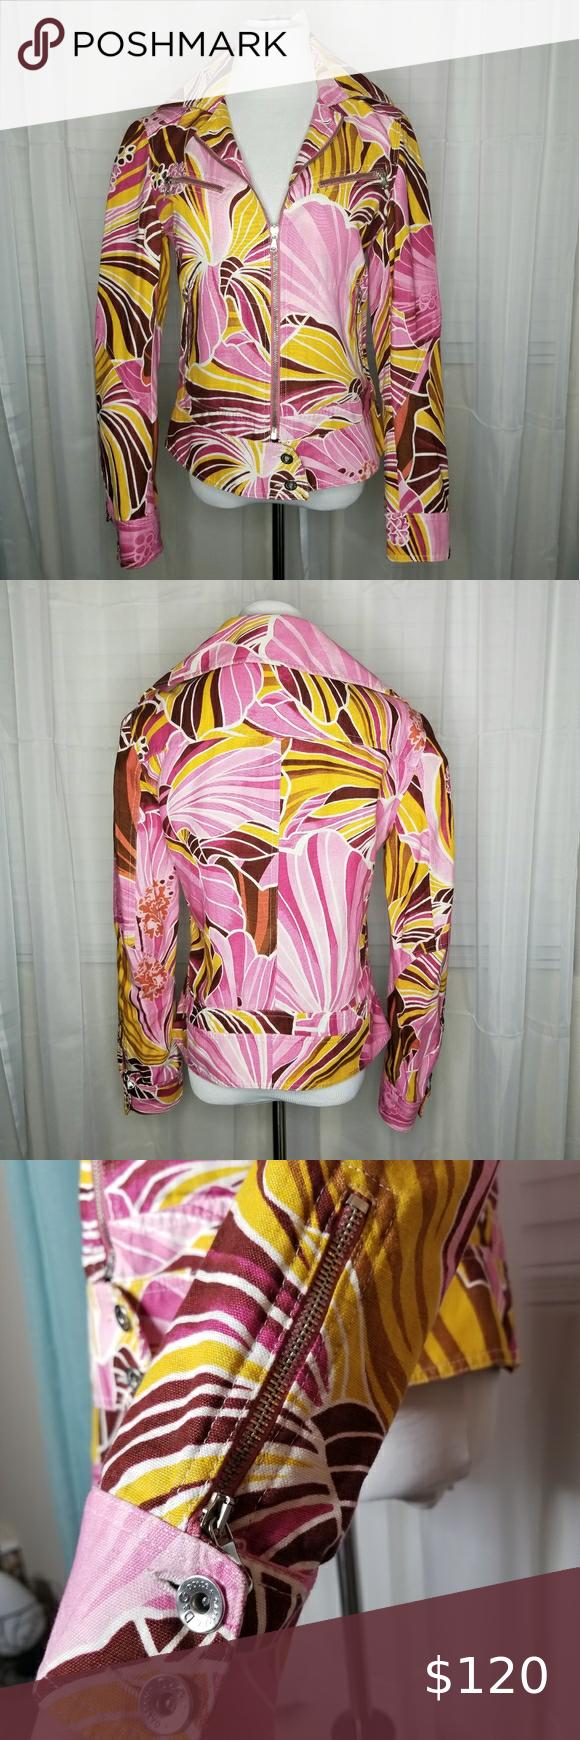 I just added this listing on Poshmark: DOLCE & GABBANA Colorful Zip Pocket Jacket Size 32. #shopmycloset #poshmark #fashion #shopping #style #forsale #Dolce & Gabbana #Jackets & Blazers